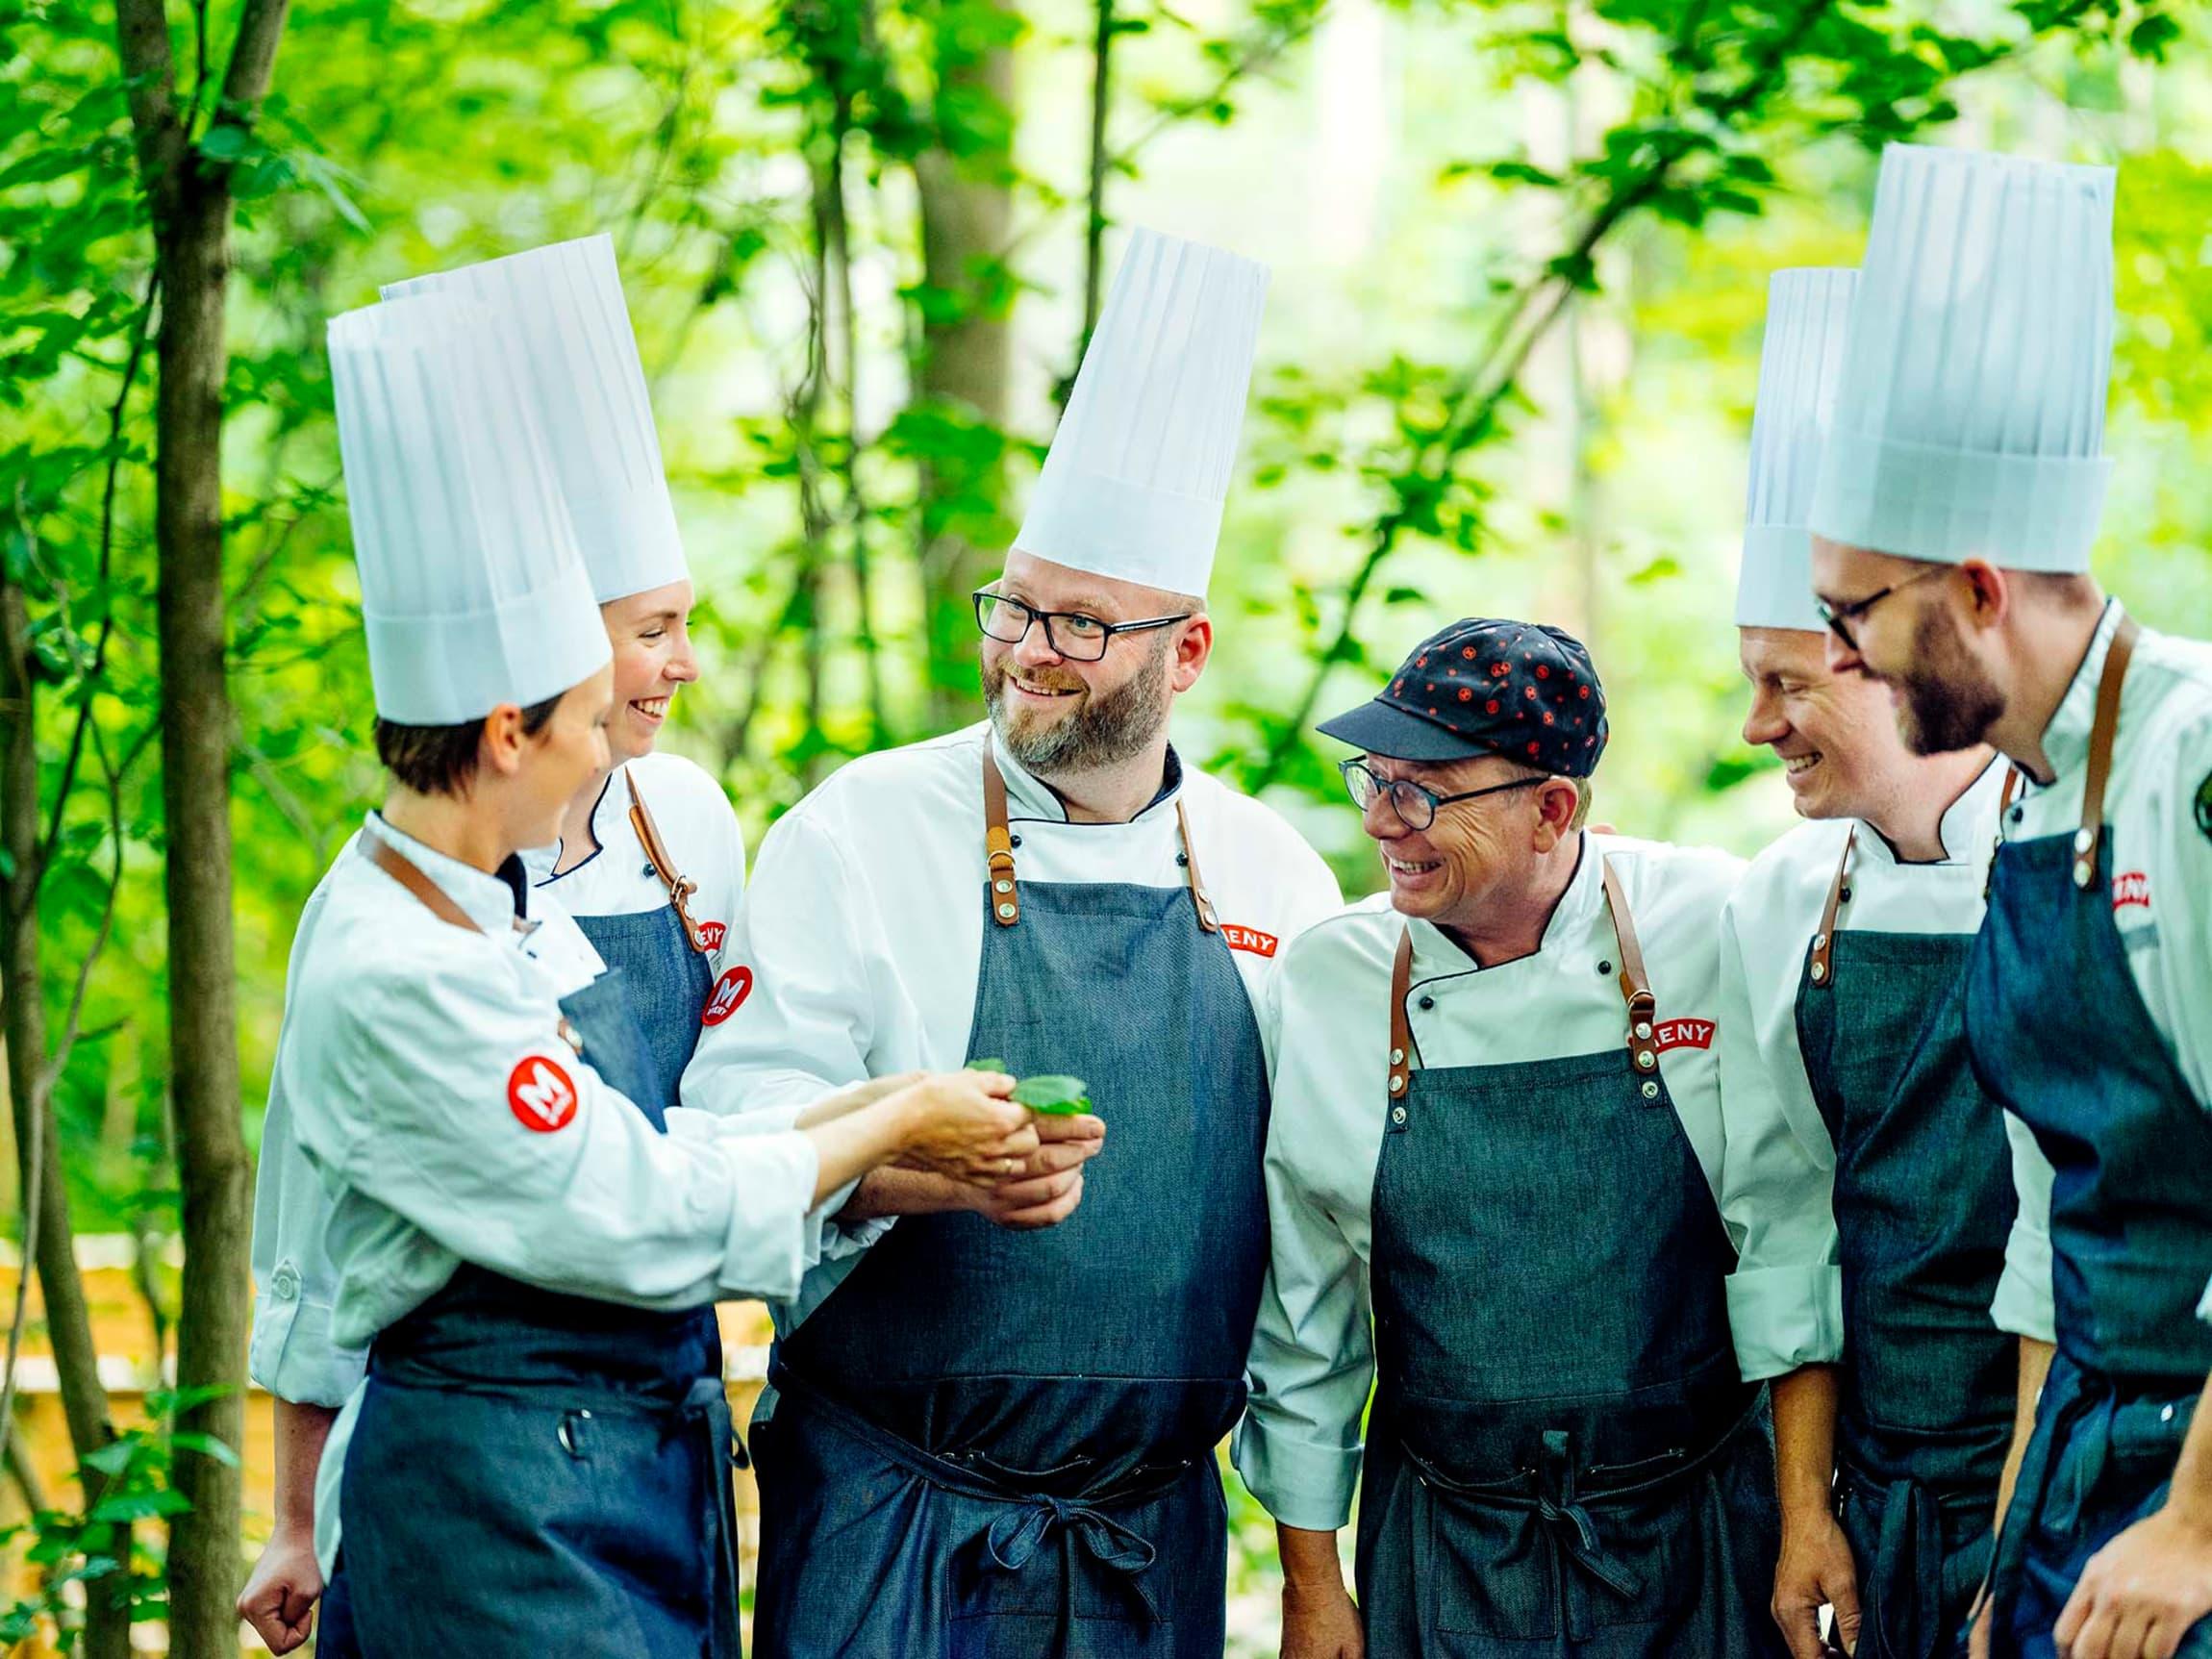 MENY-Lauget består av våre egne kokker og eksperter, som har fått i oppdrag å lete, lukte og smake seg frem til lokale matskatter.